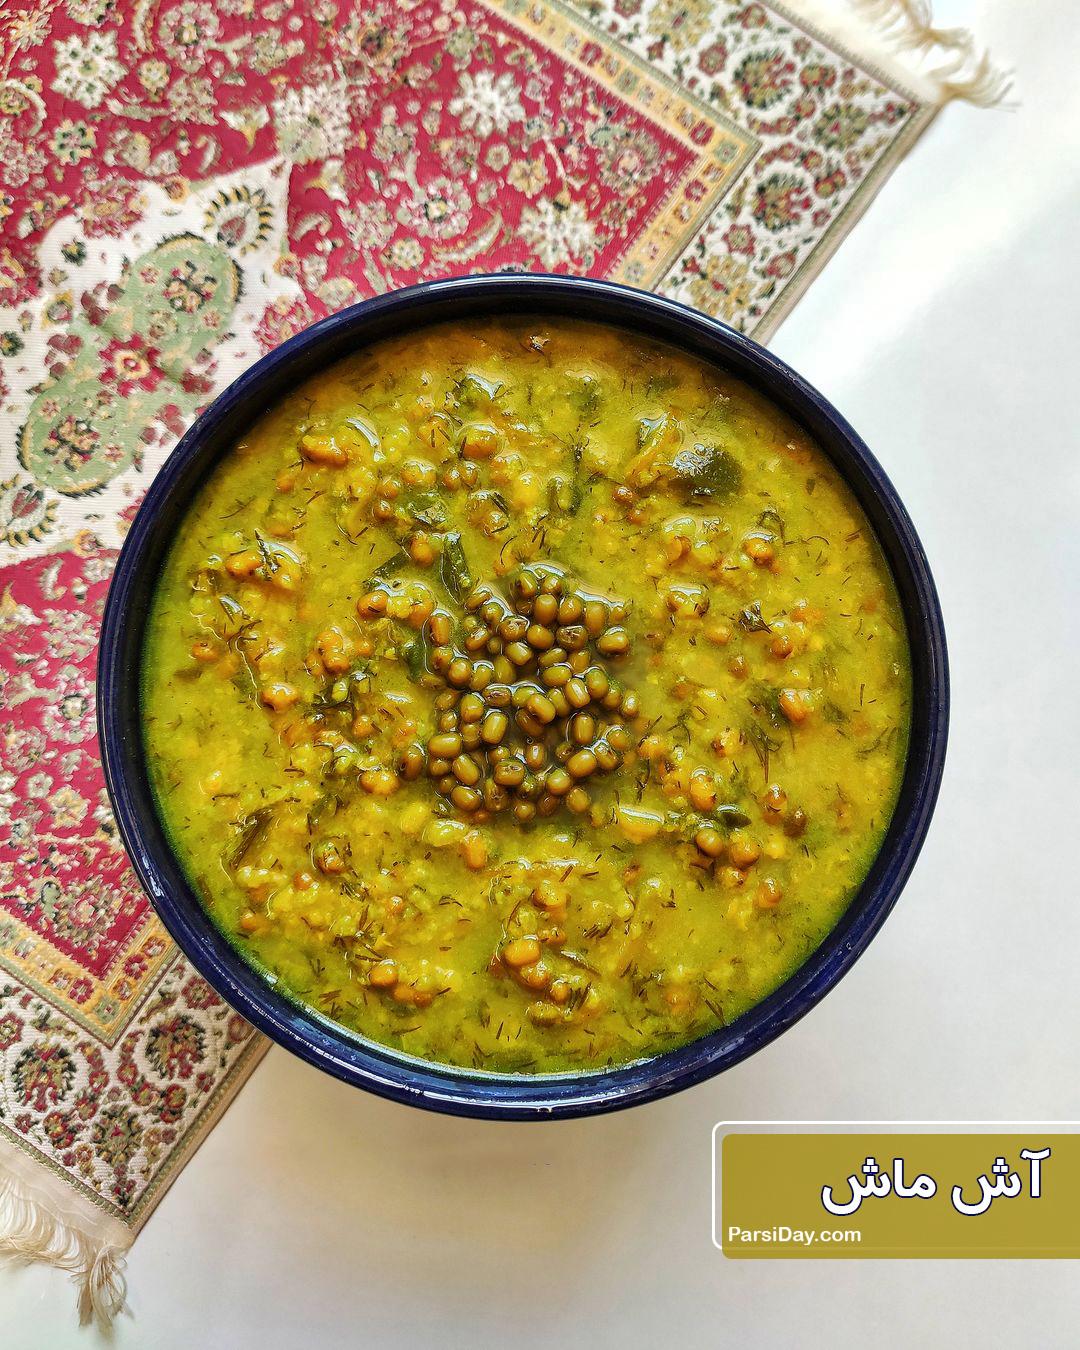 طرز تهیه آش ماش بدون گوشت بر اساس طب سنتی و مناسب برای سرماخوردگی